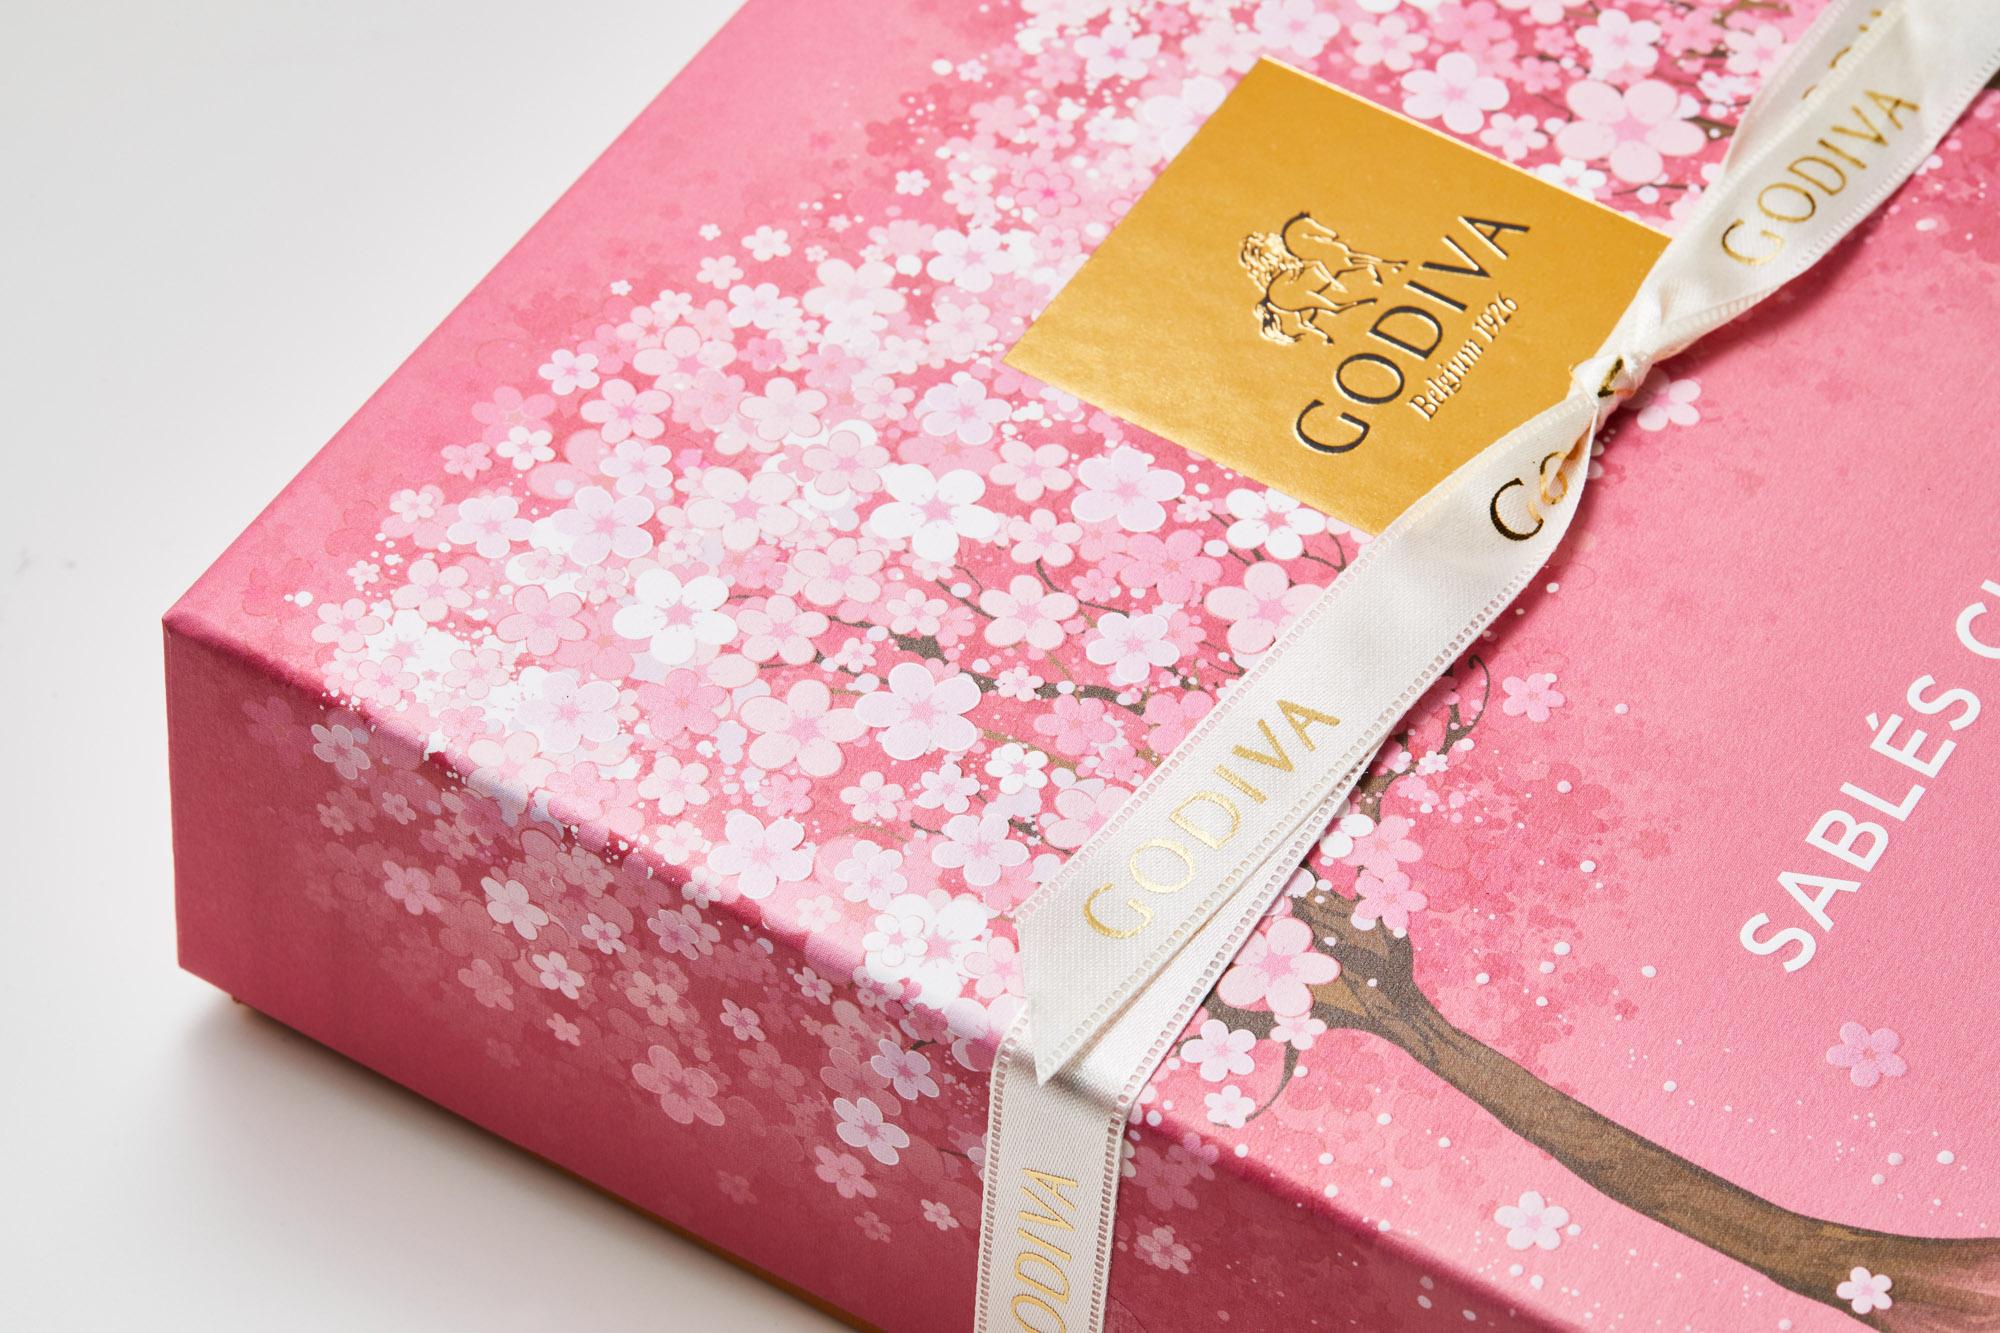 GODIVA ホワイトデー コレクション 2020サブレショコラ 桜 パッケージ